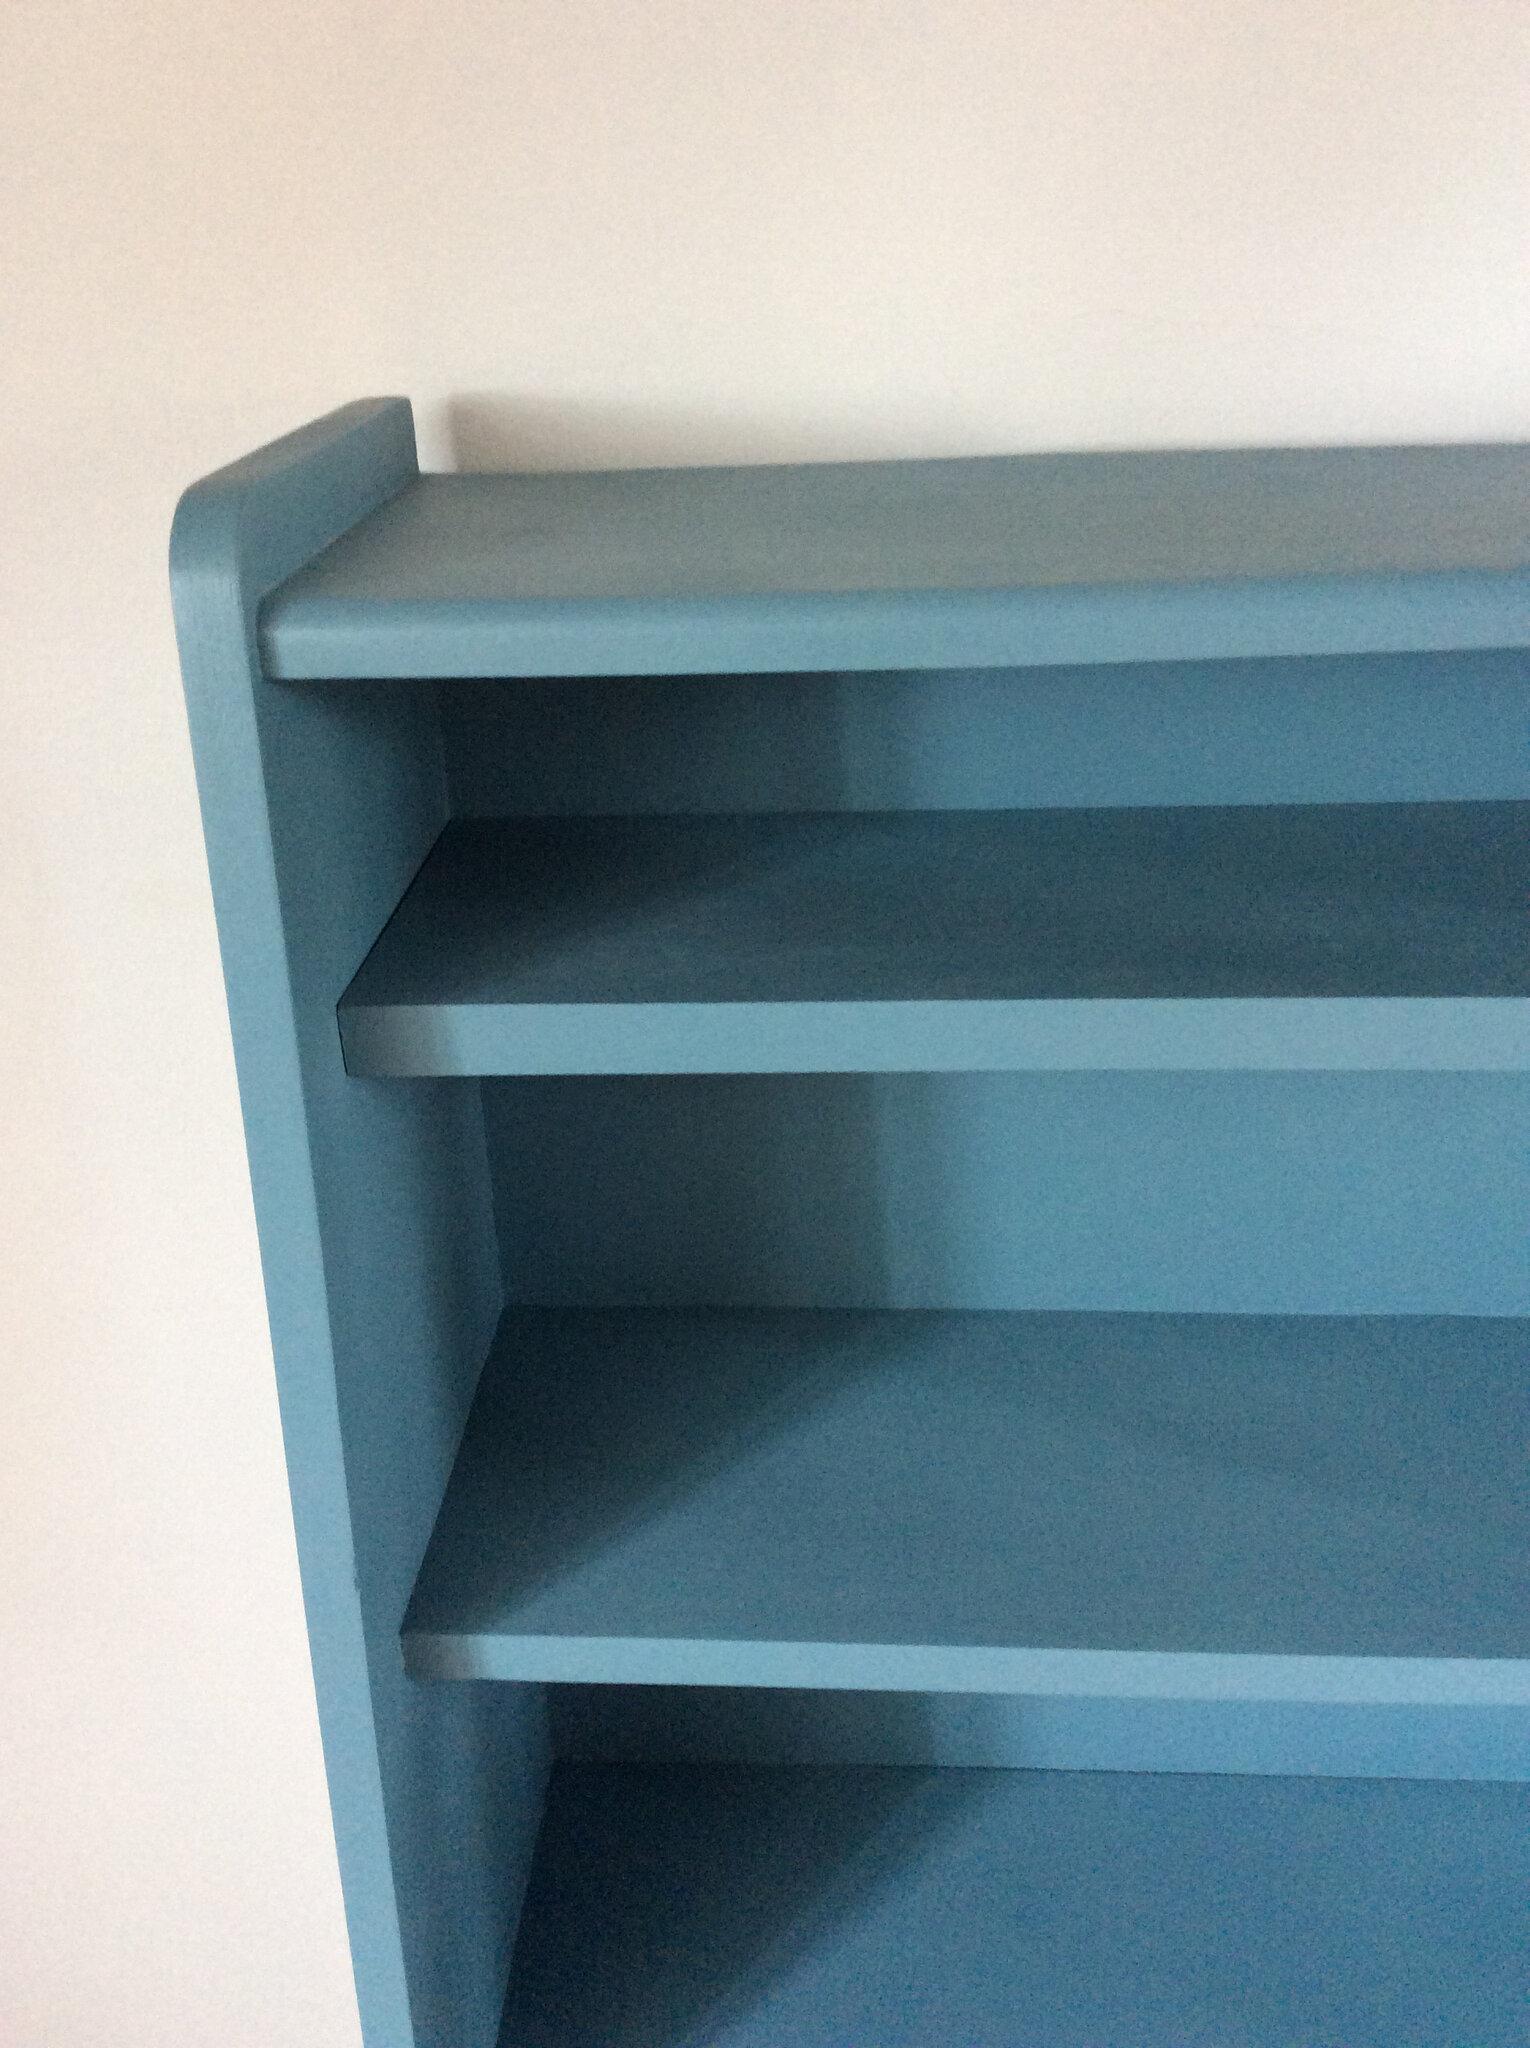 Meuble biblioth que ann e 60 bleu atelier darblay le - Bleu farrow and ball ...